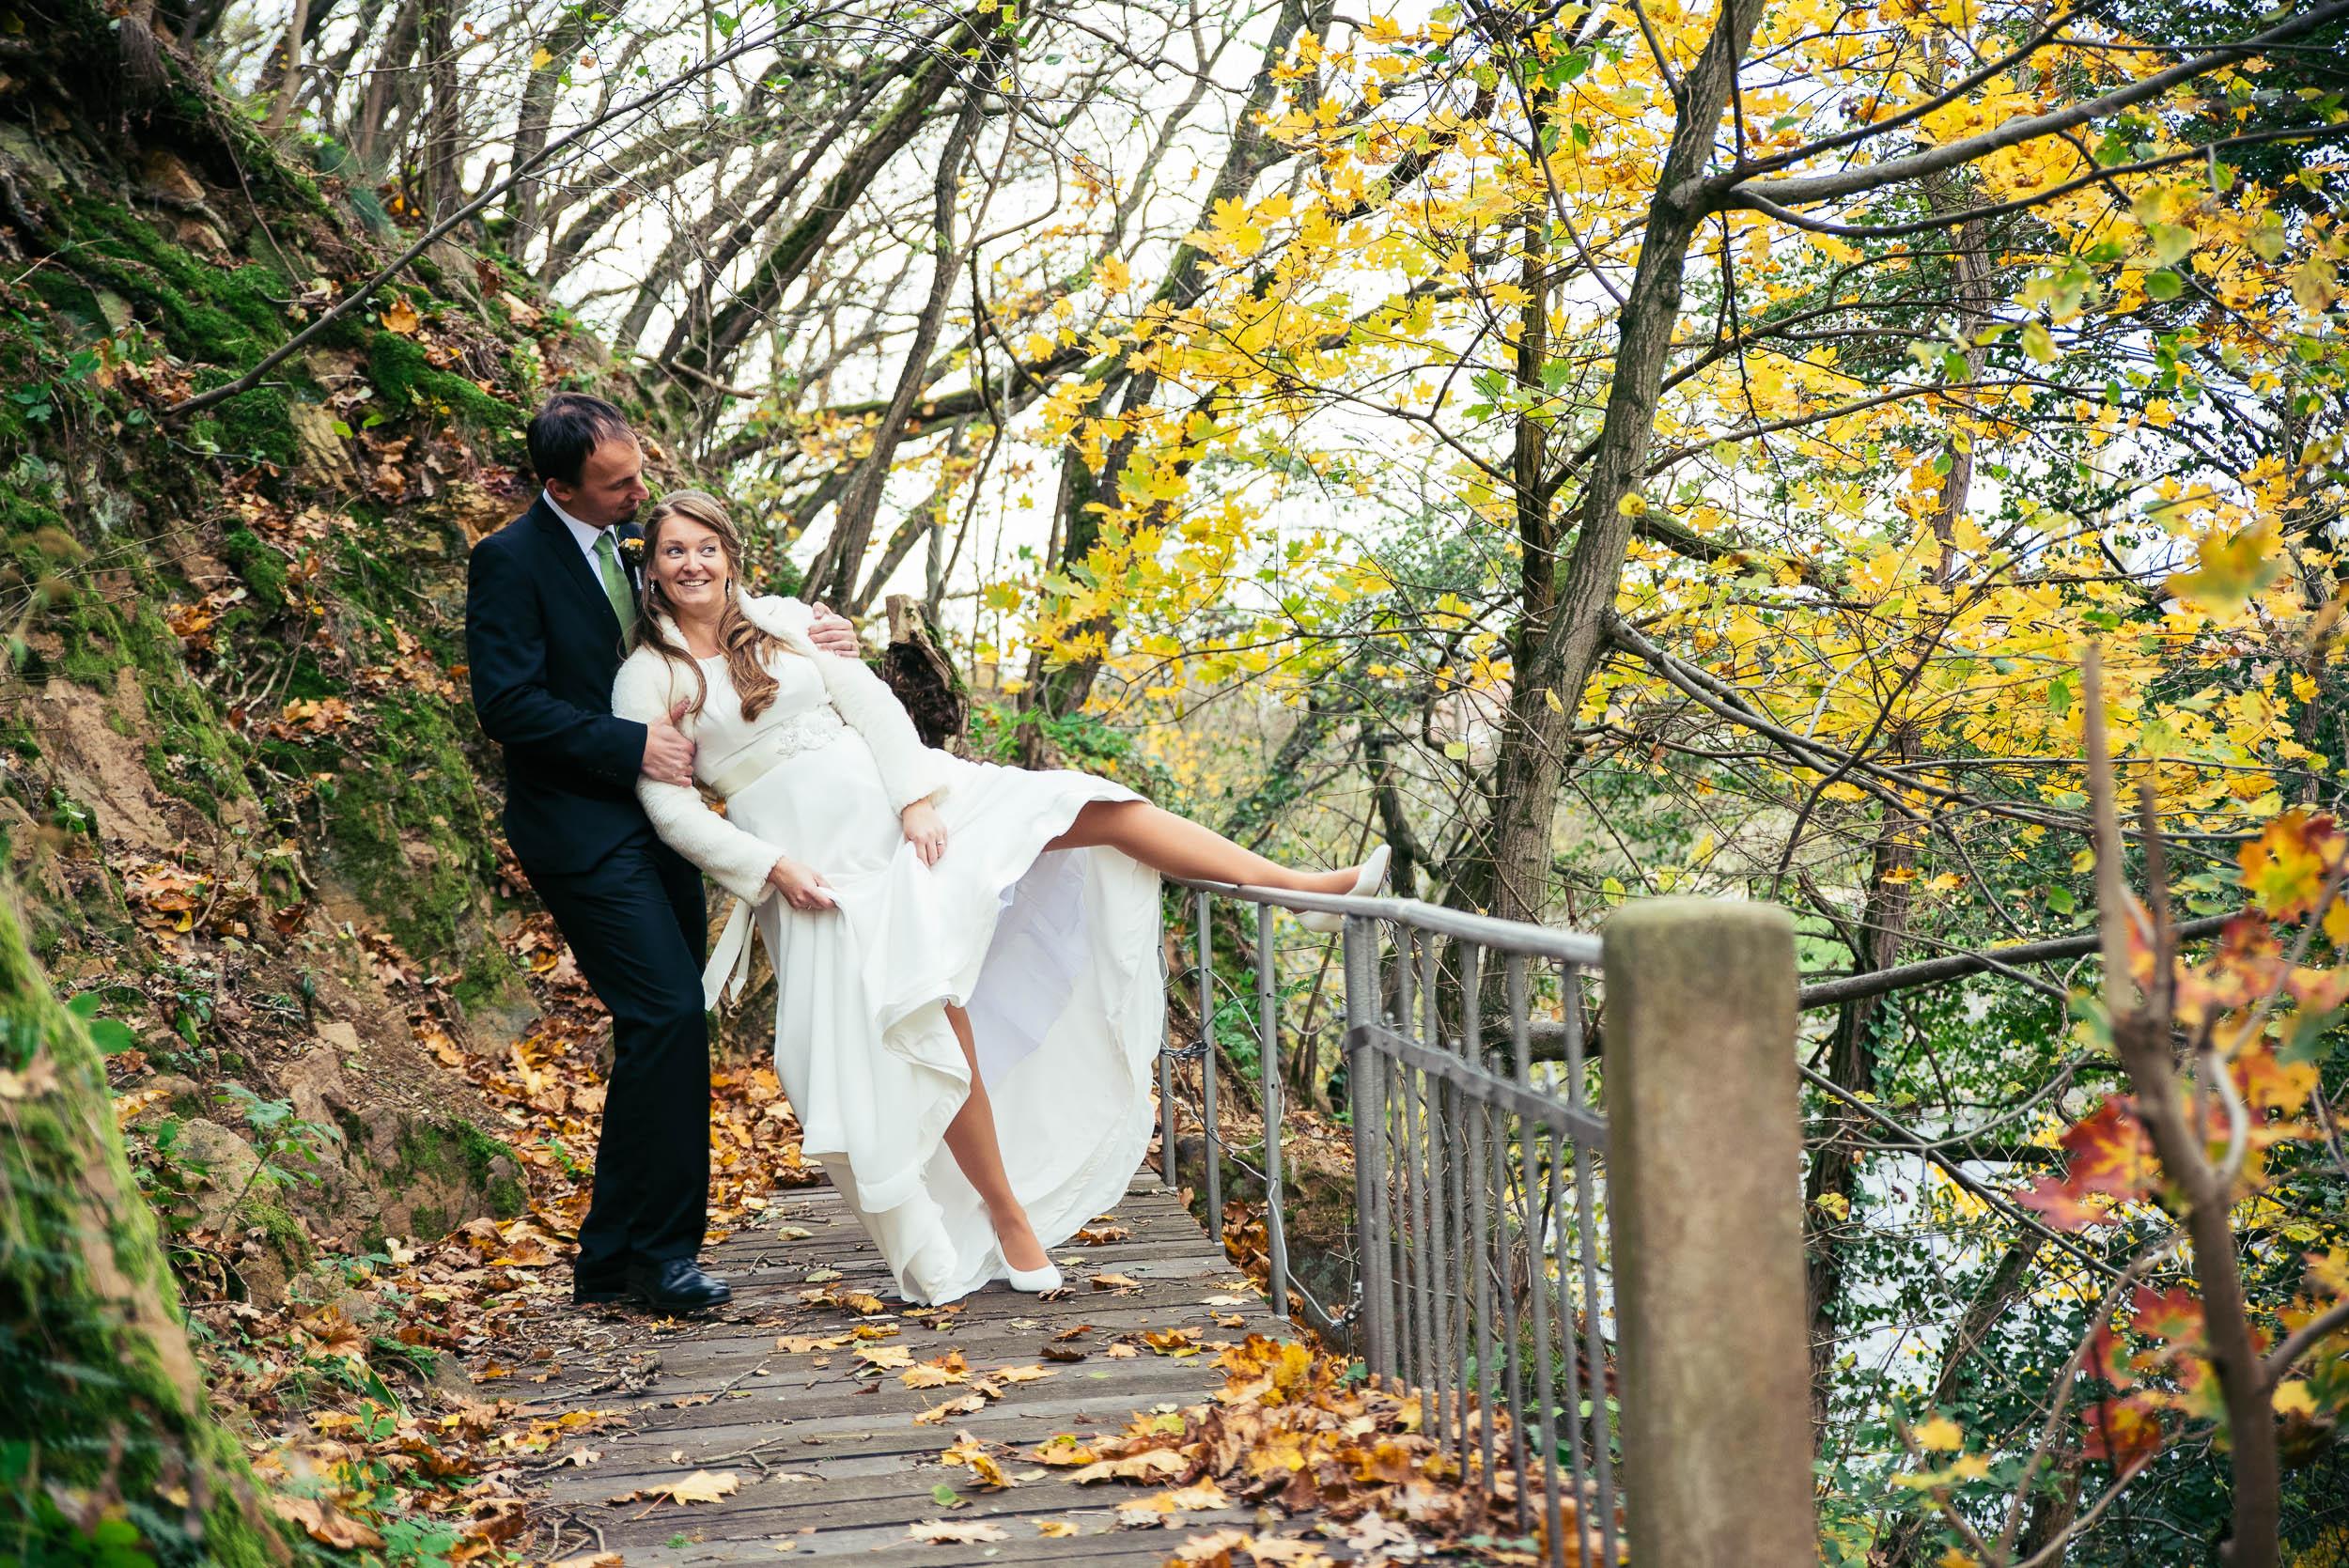 Svatební fotograf, Ivančice, jižní Morava